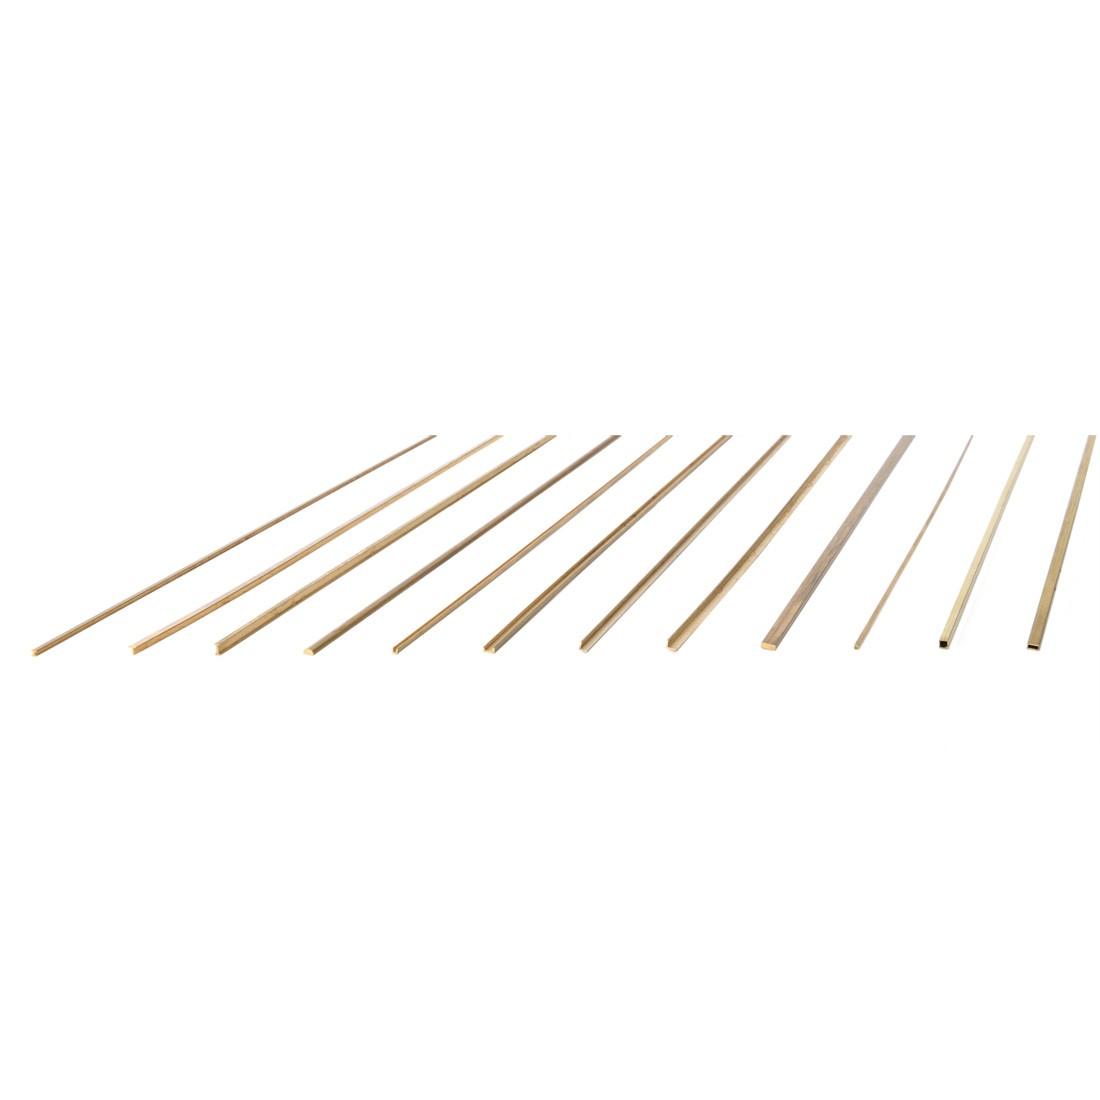 Ángulos de latón 2x2x0,3